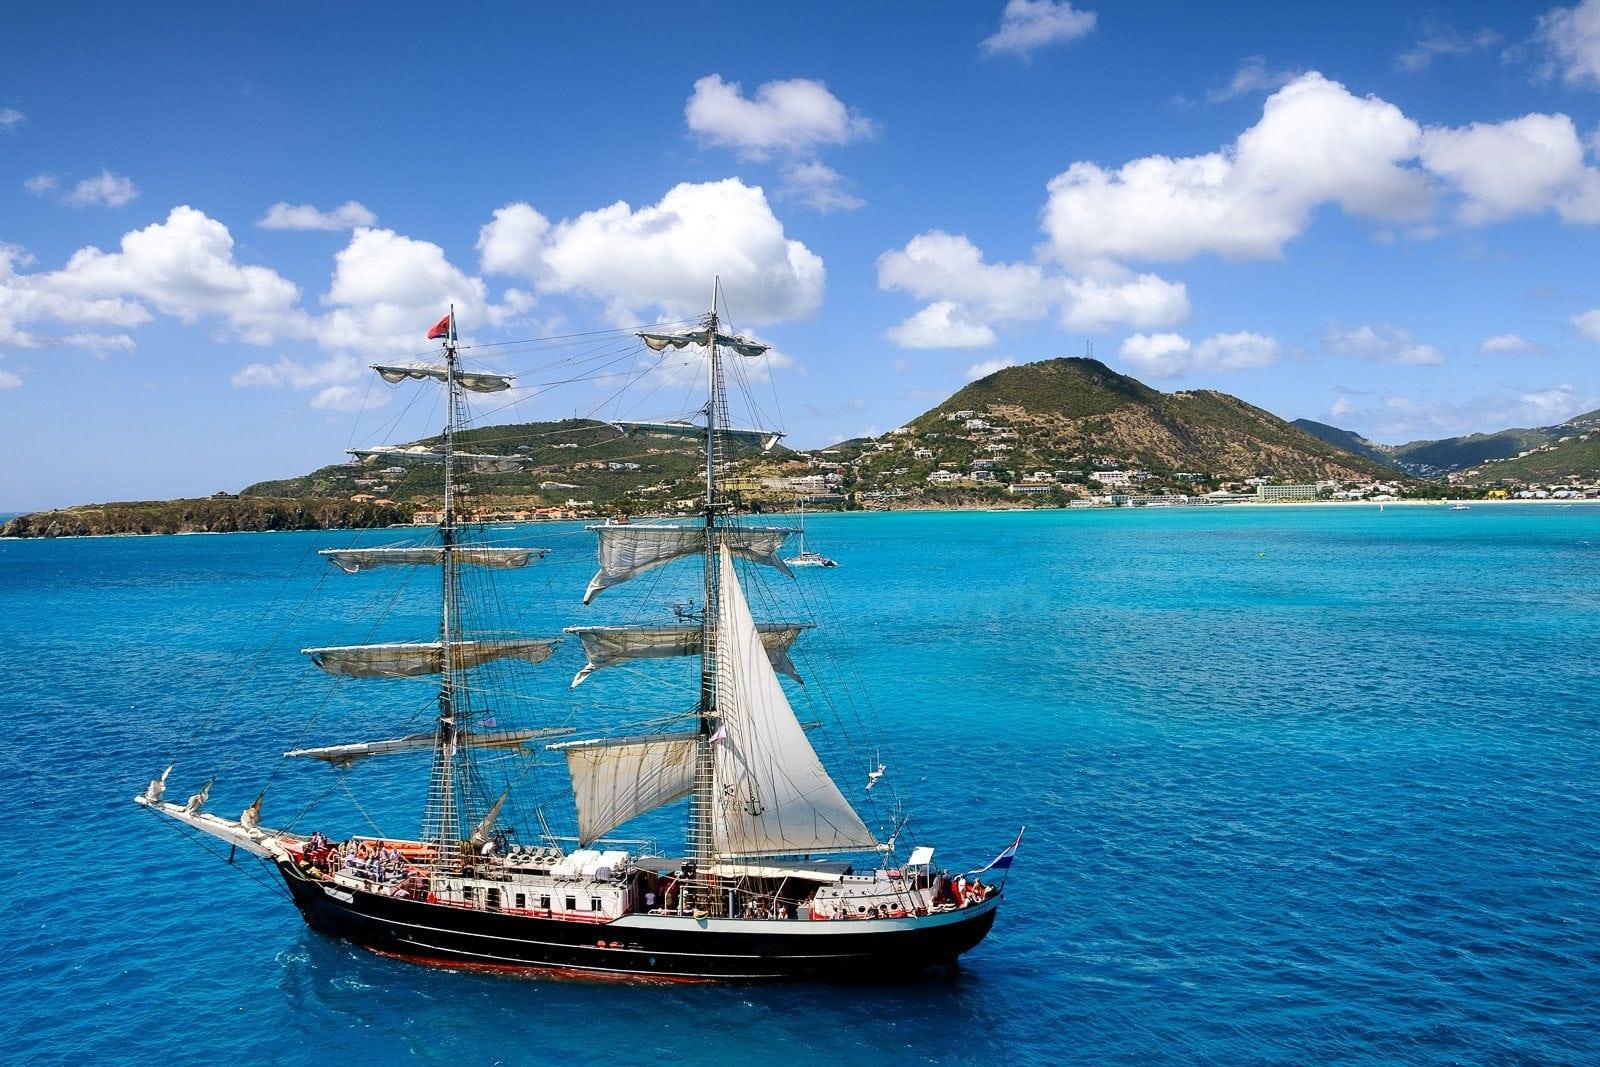 A pirate ship at St. Maarten